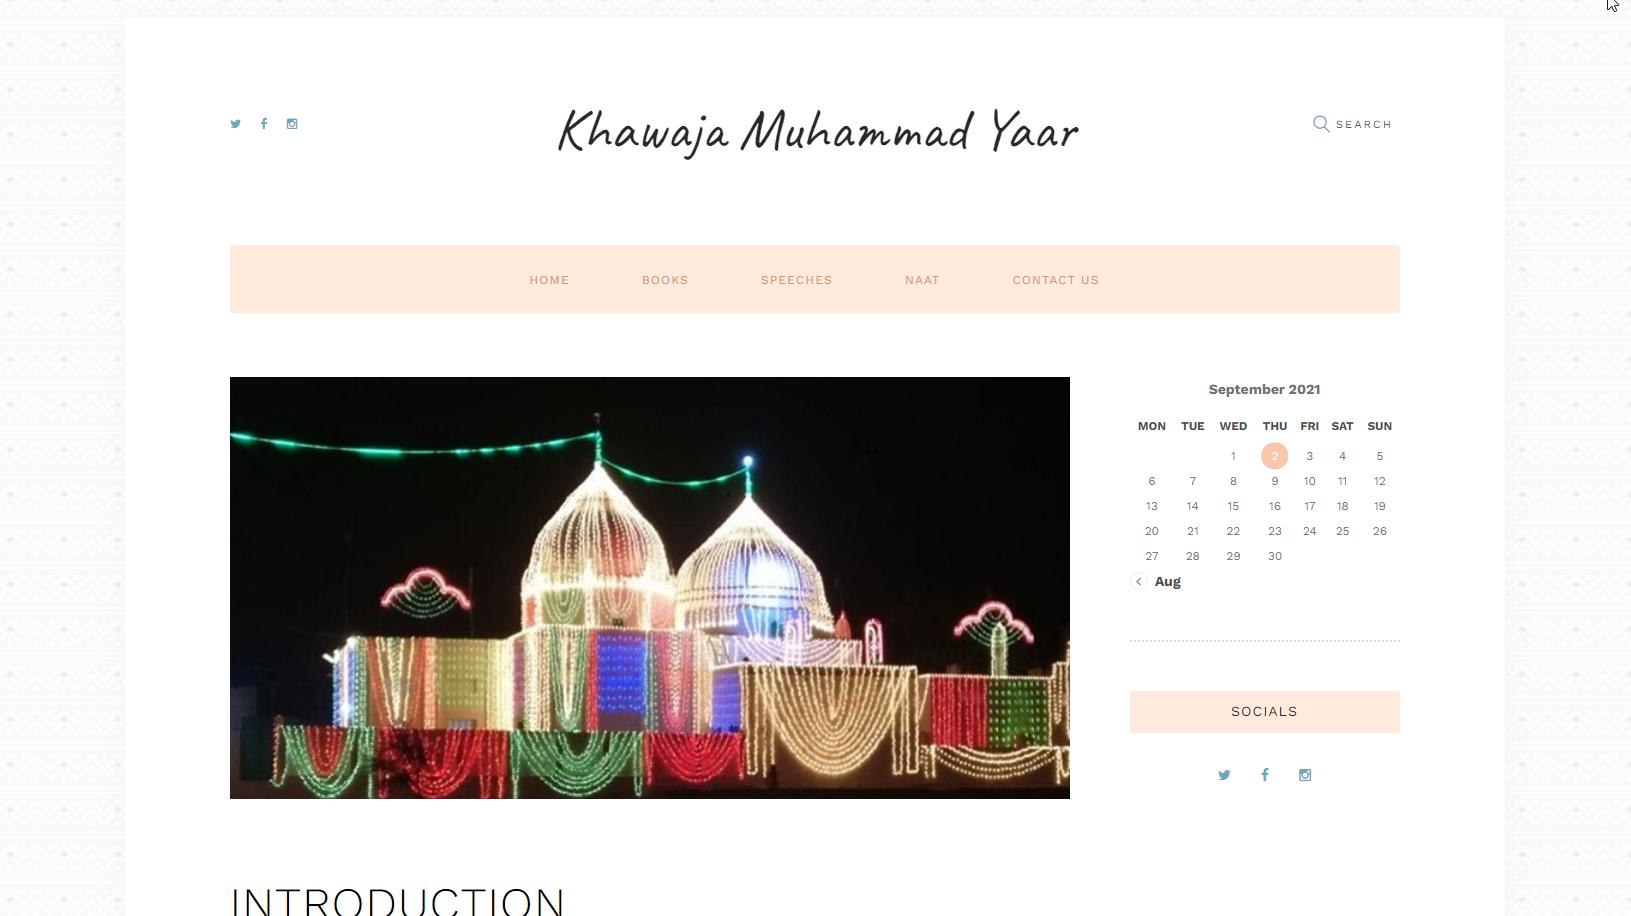 Khawaja Muhammad Yaar